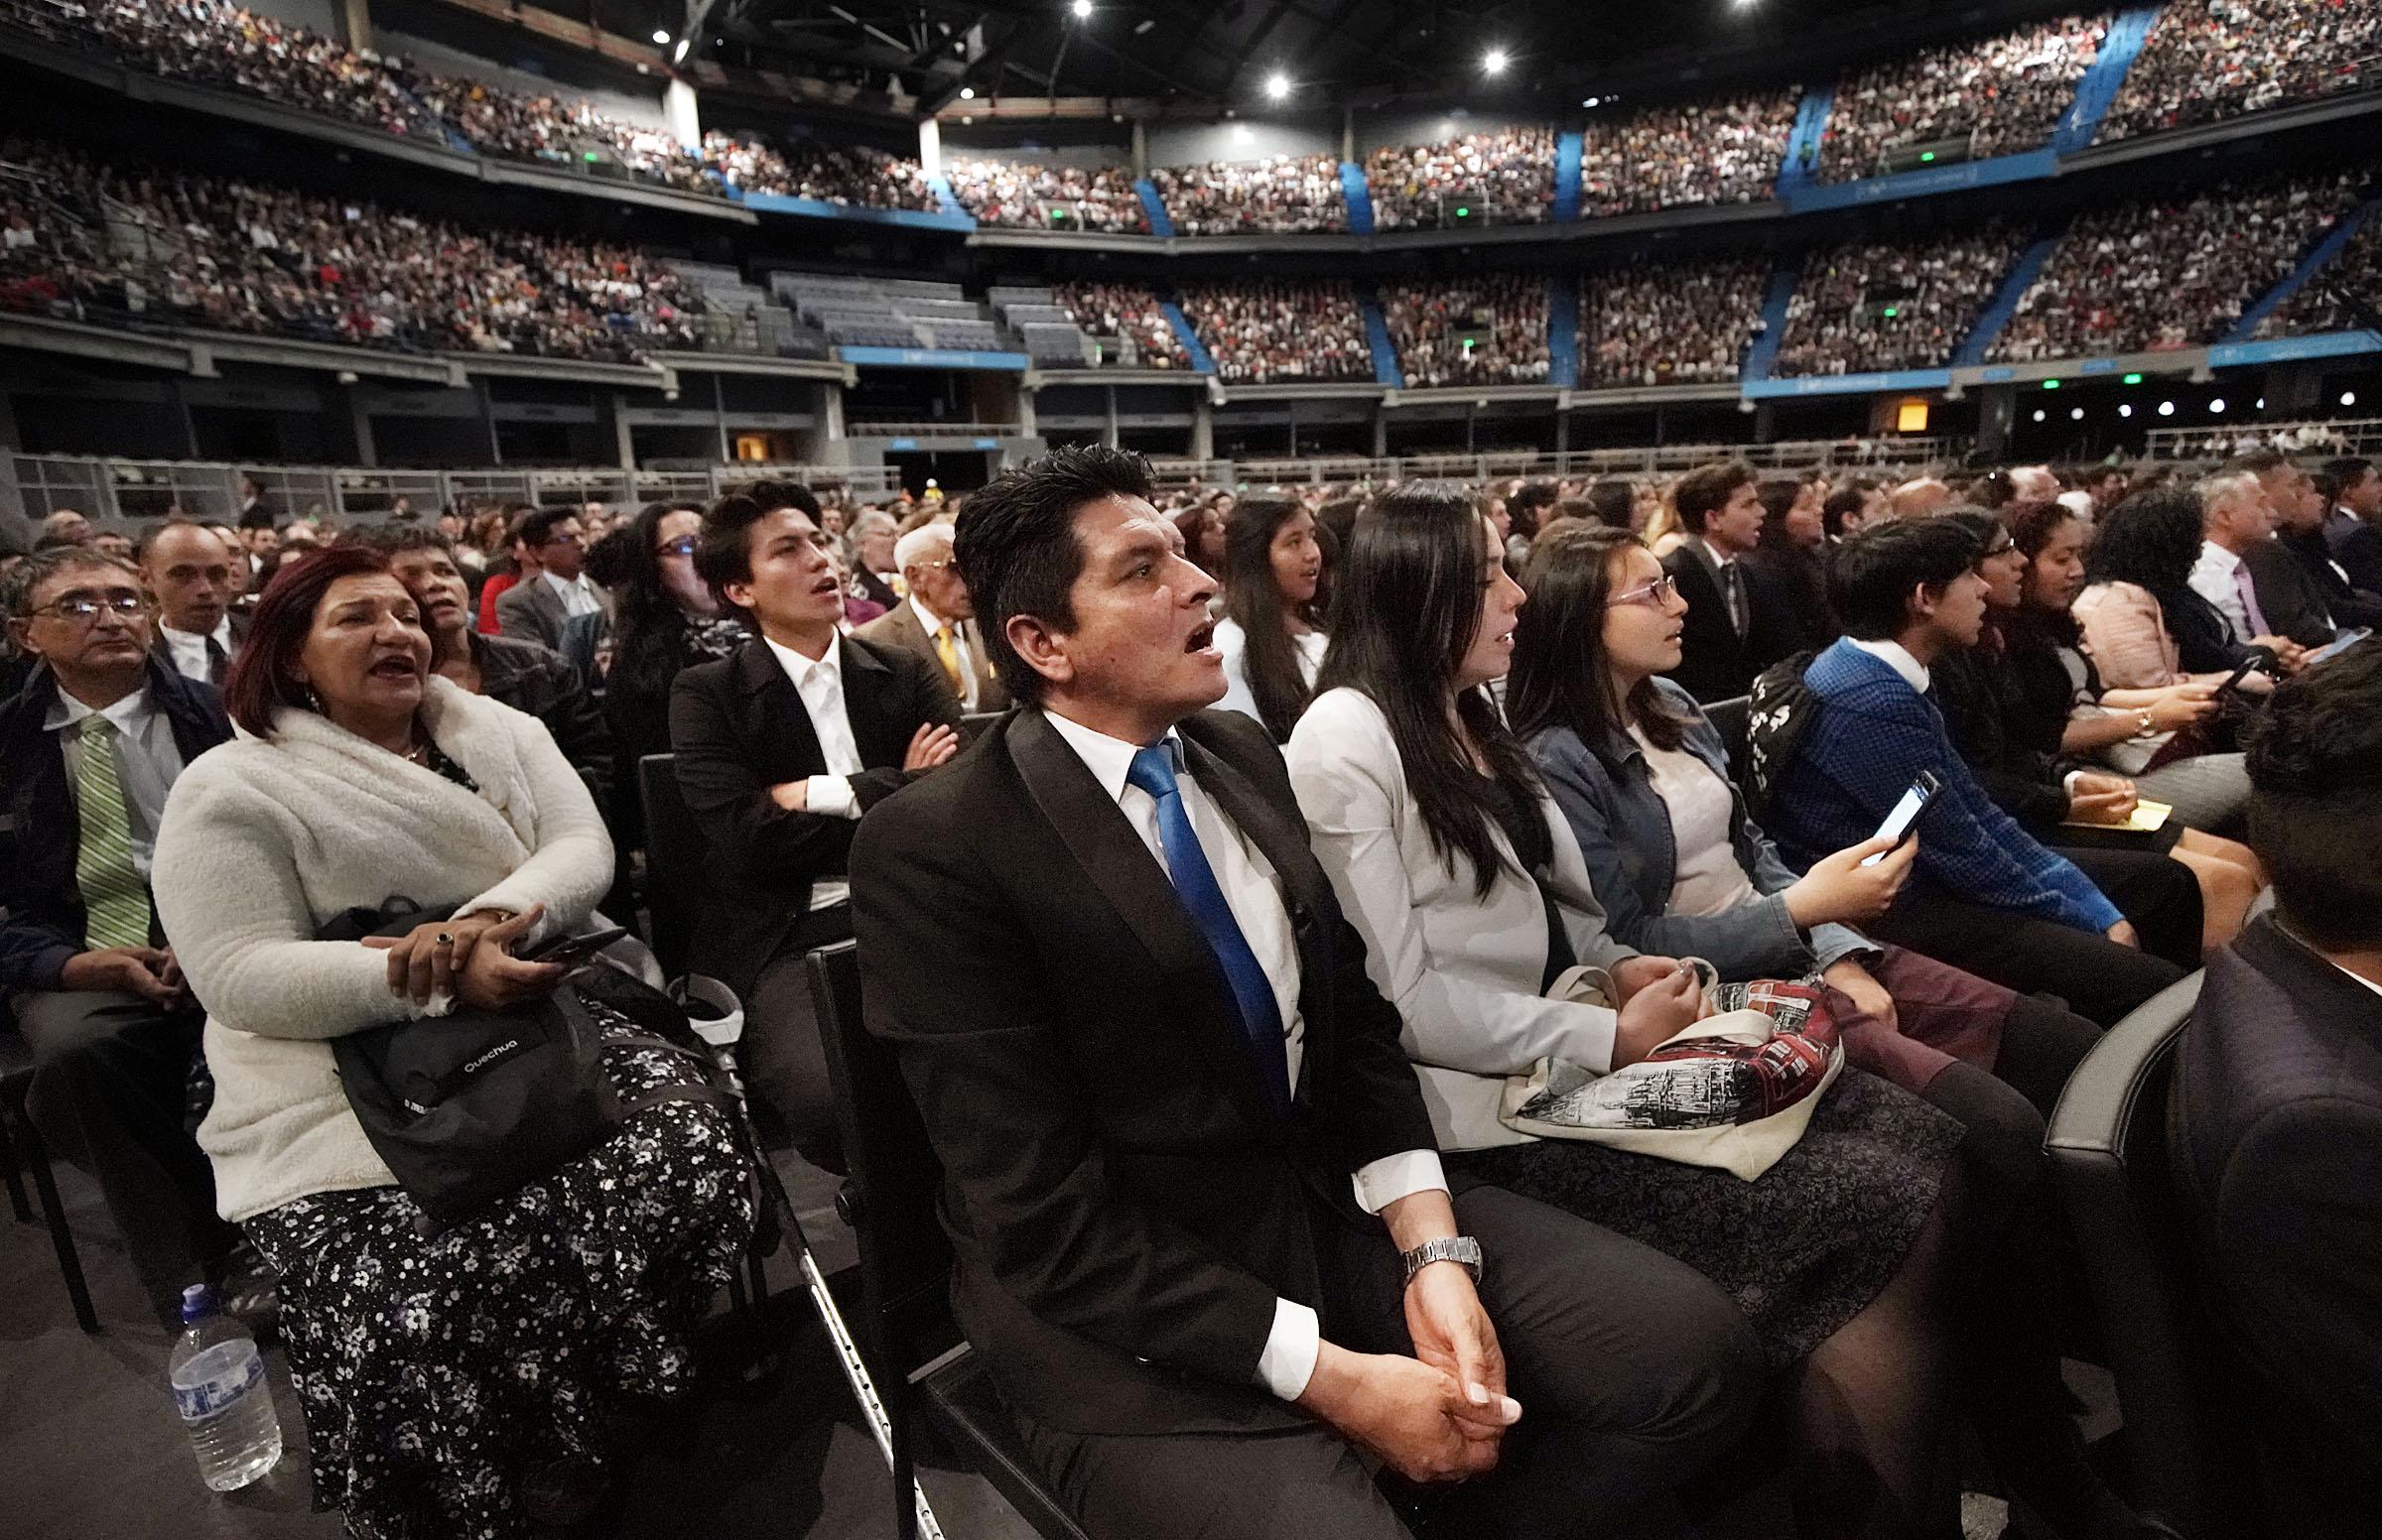 Manuel Pardo se une con su familia y los asistentes en un canto durante un devocional de la gira ministerial latinoamericana en Bogotá, Colombia, el domingo, 25 de agosto de 2019.